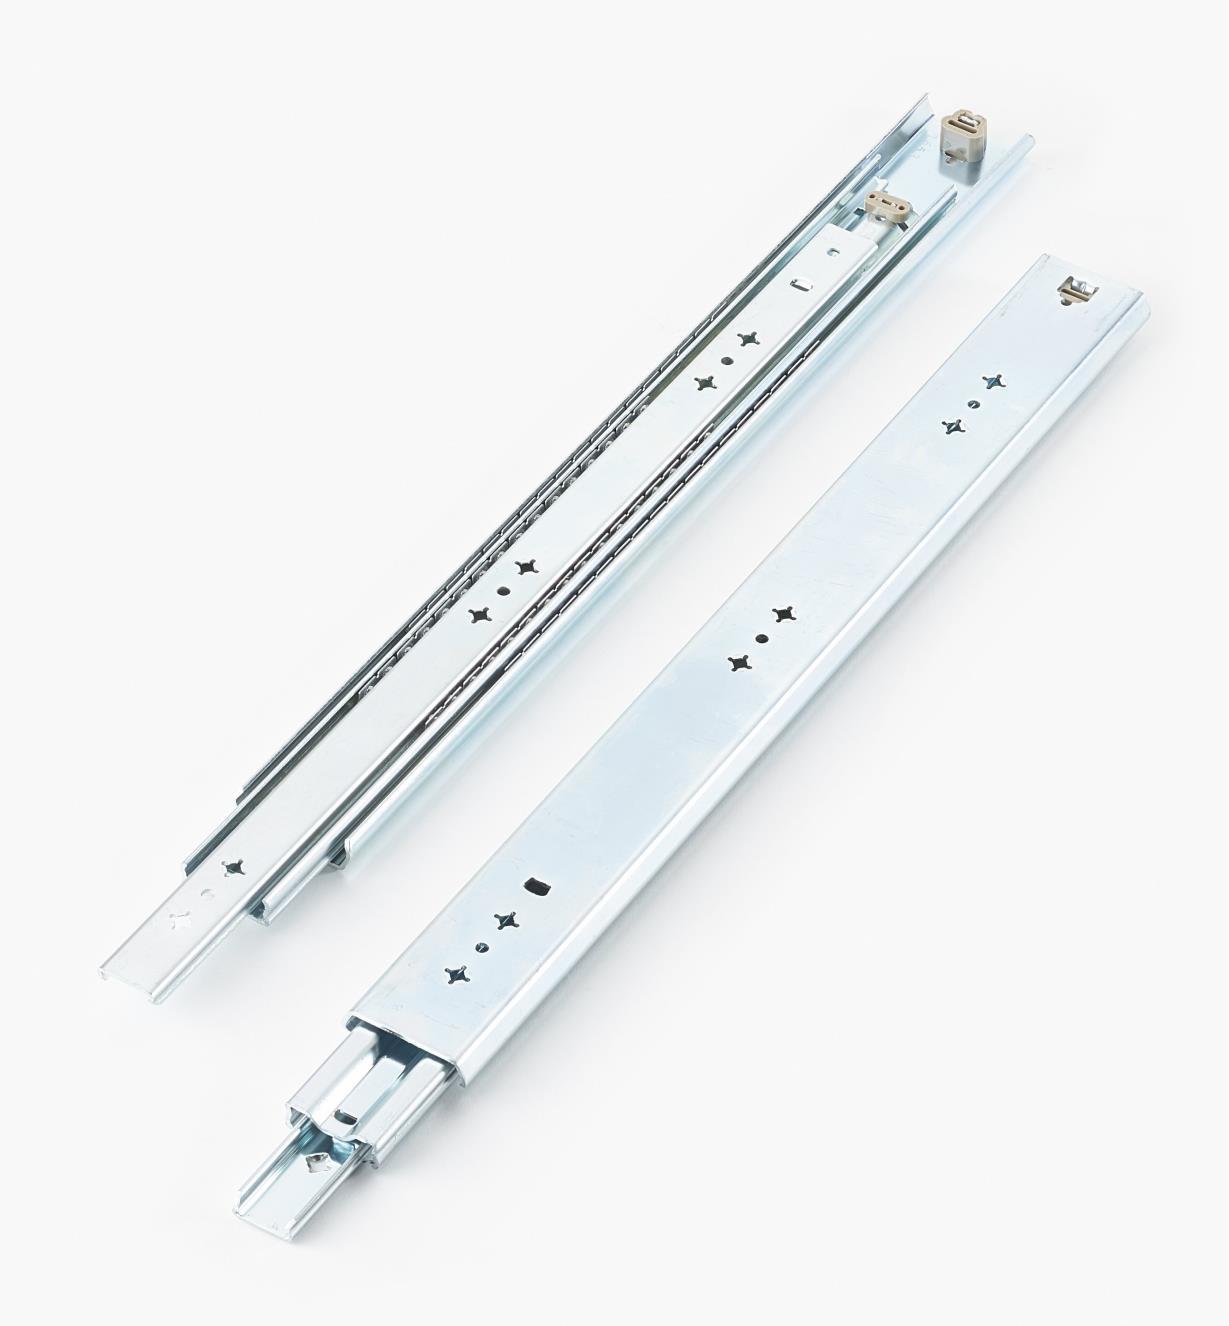 02K3220 - Coulisses de 20po (500mm) à extension complète pour charge de 200lb, la paire